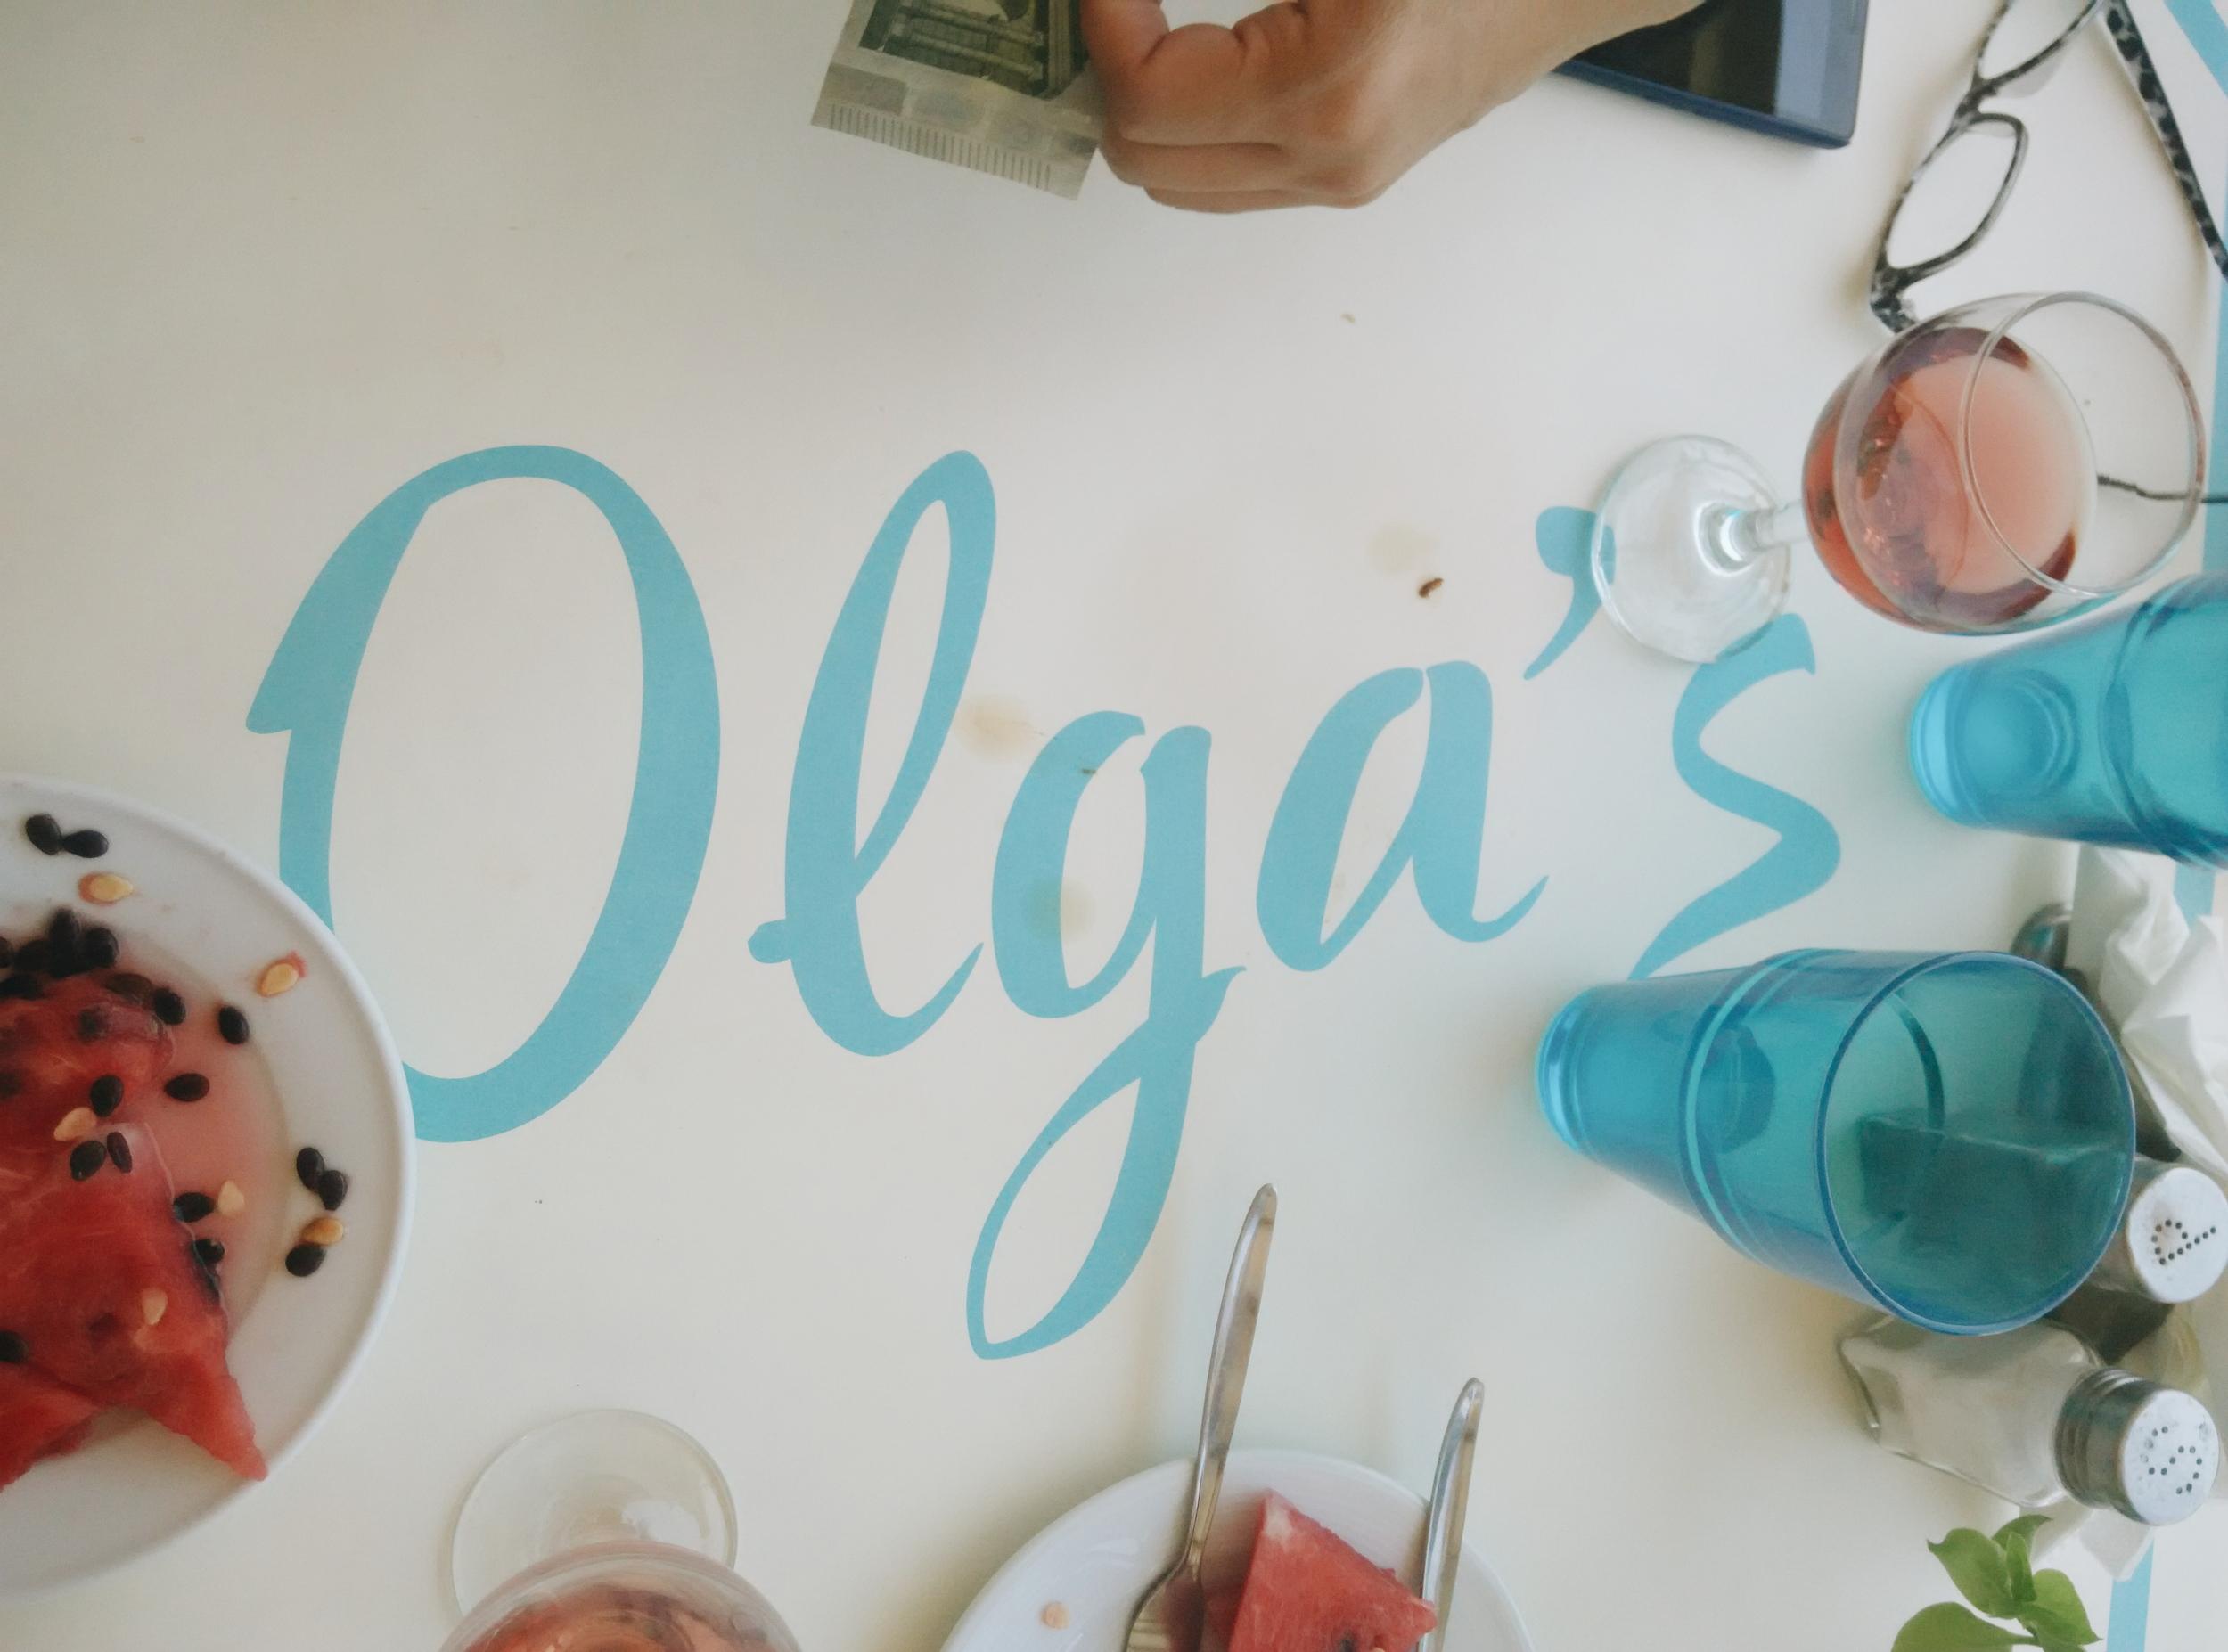 Olga's!!!!!!